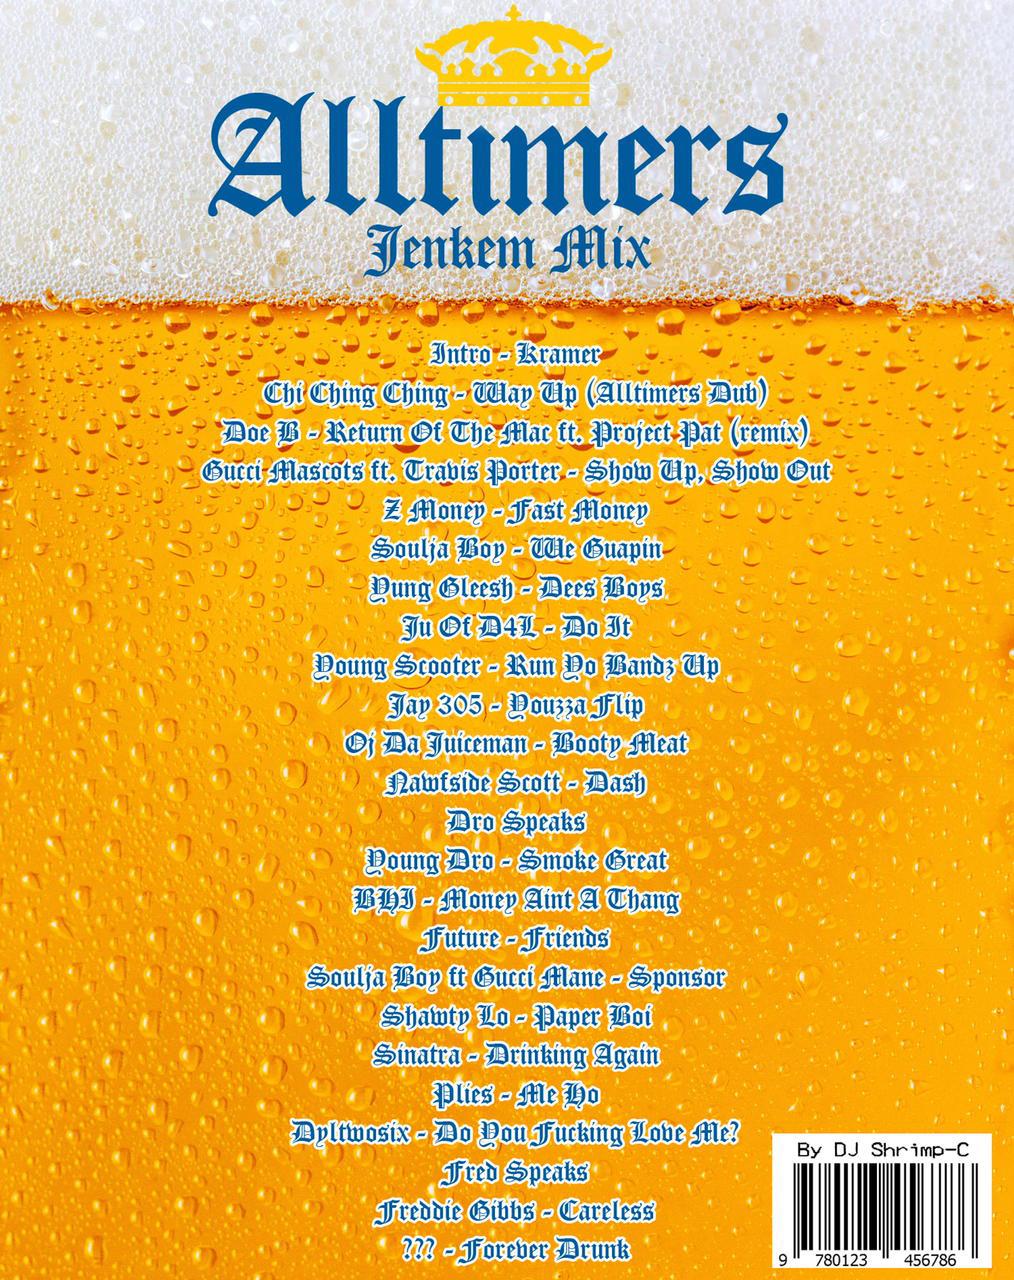 alltimers_jenkem_mix_tracklist_all_timers